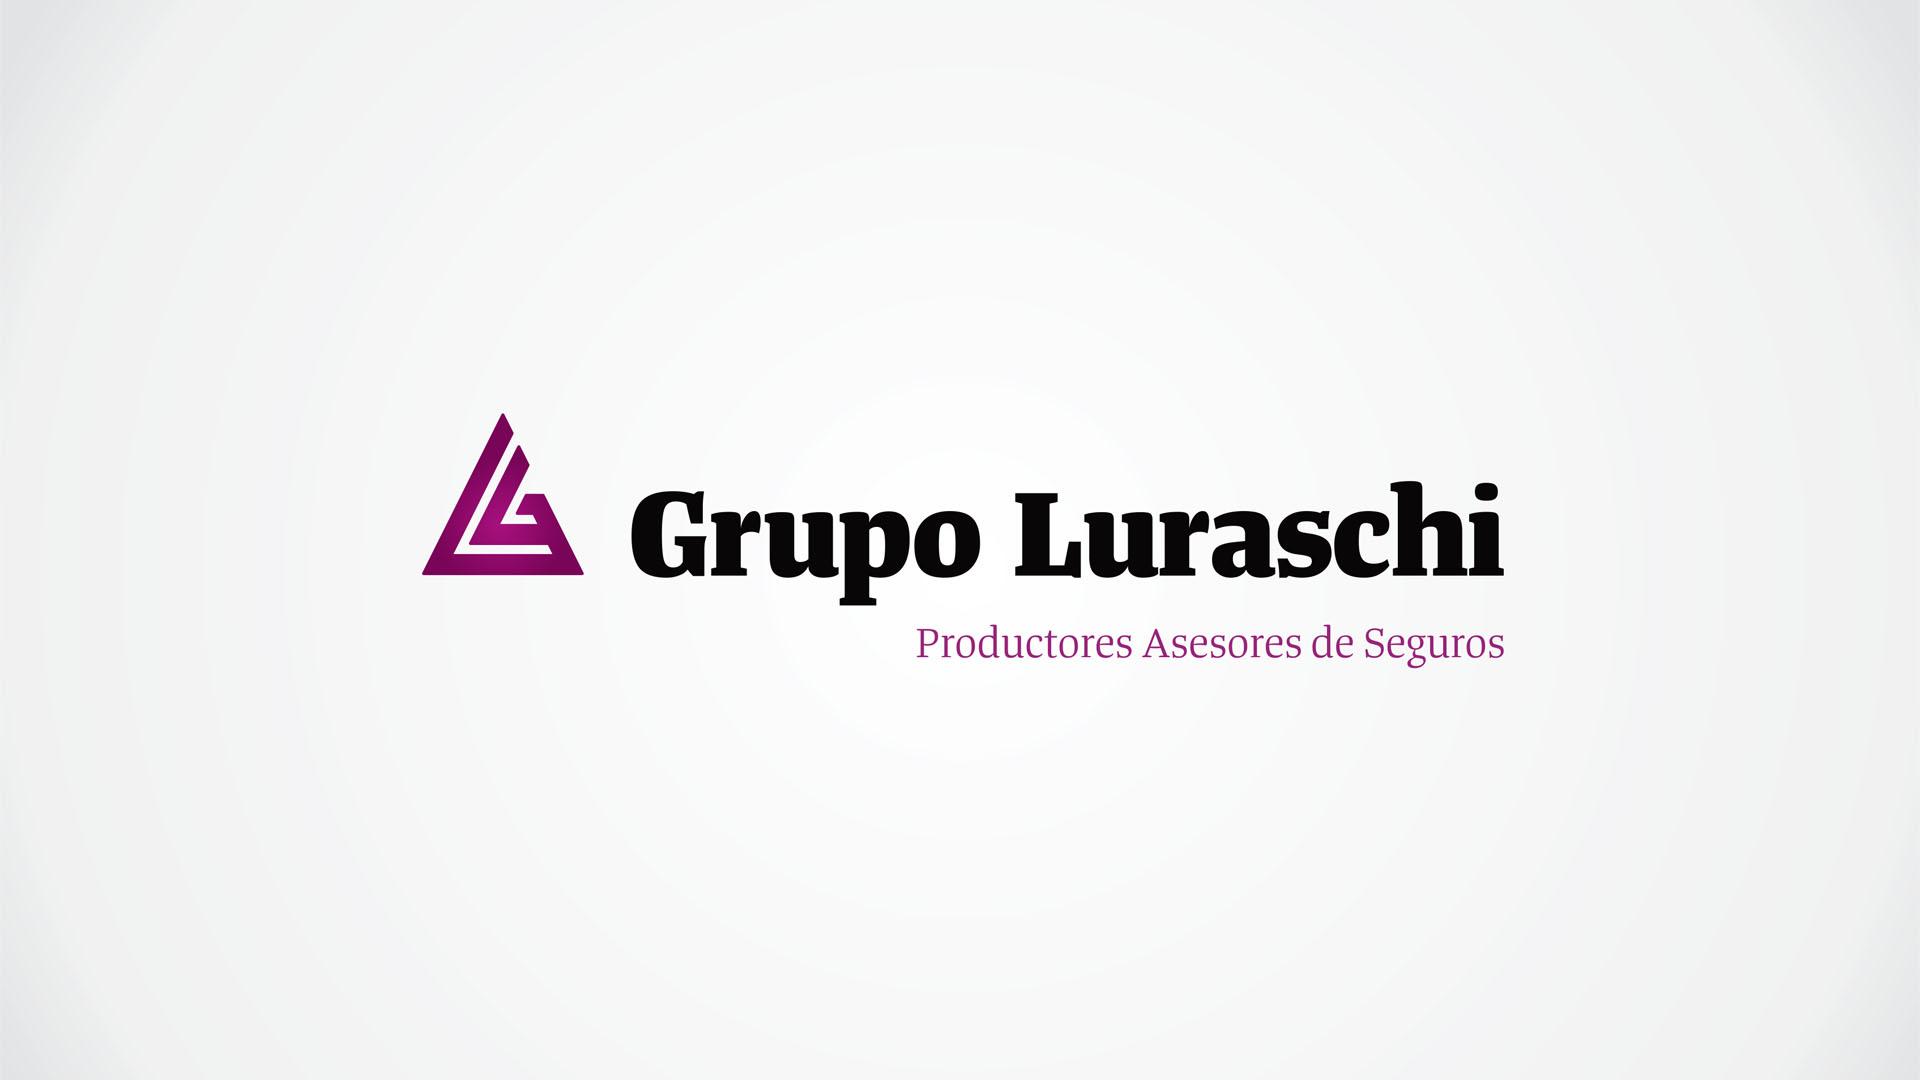 Grupo Luraschi Productores y Asesores de Seguro